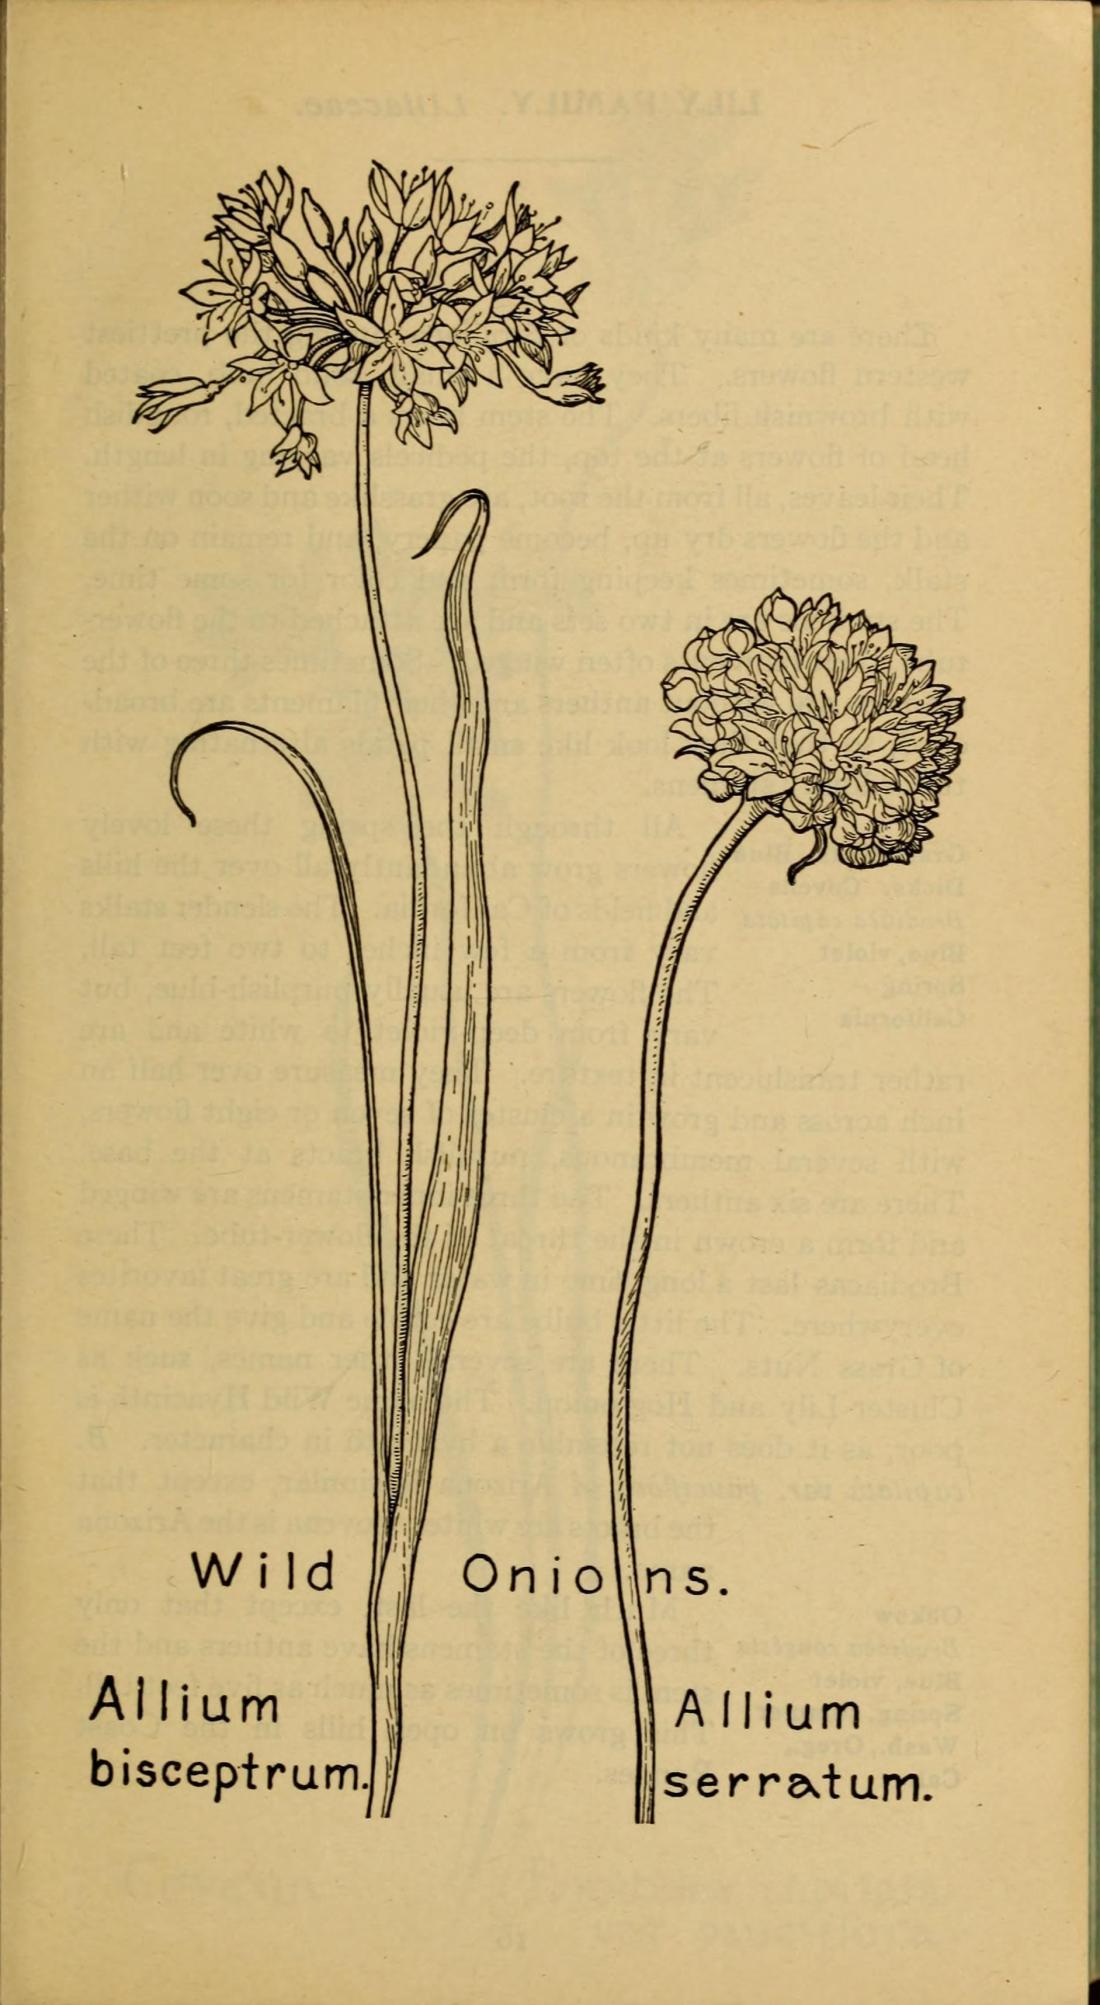 """""""Wild Onion"""" (Allium bisceptrum and Allium serratum)."""